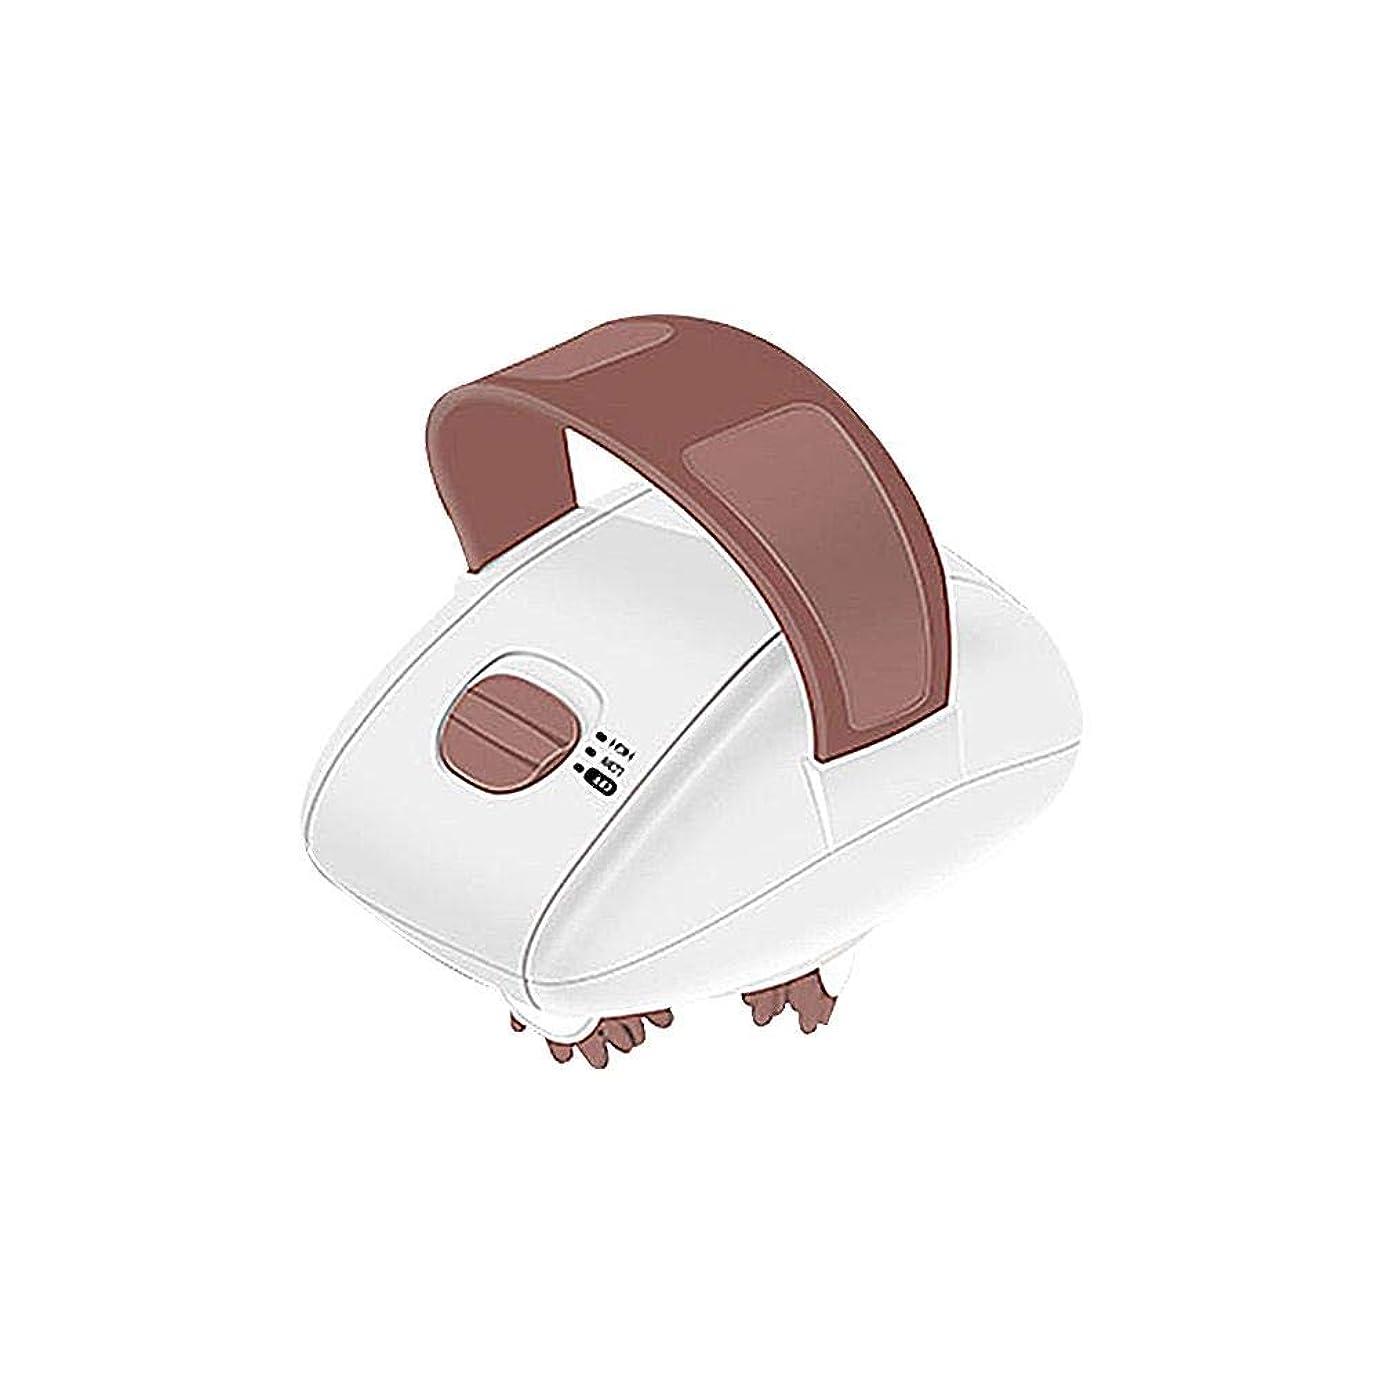 微視的オーブン虫を数える3D ミニボディスリム 電動ギアミニマッサージャー 多機能 ボディ ハード マッサージローラー 美脚 腕痩せ 疲れ解消 全身にマッサージ ダイエット 電動ローラー ミニ脂肪マッサージ師 2色選べる